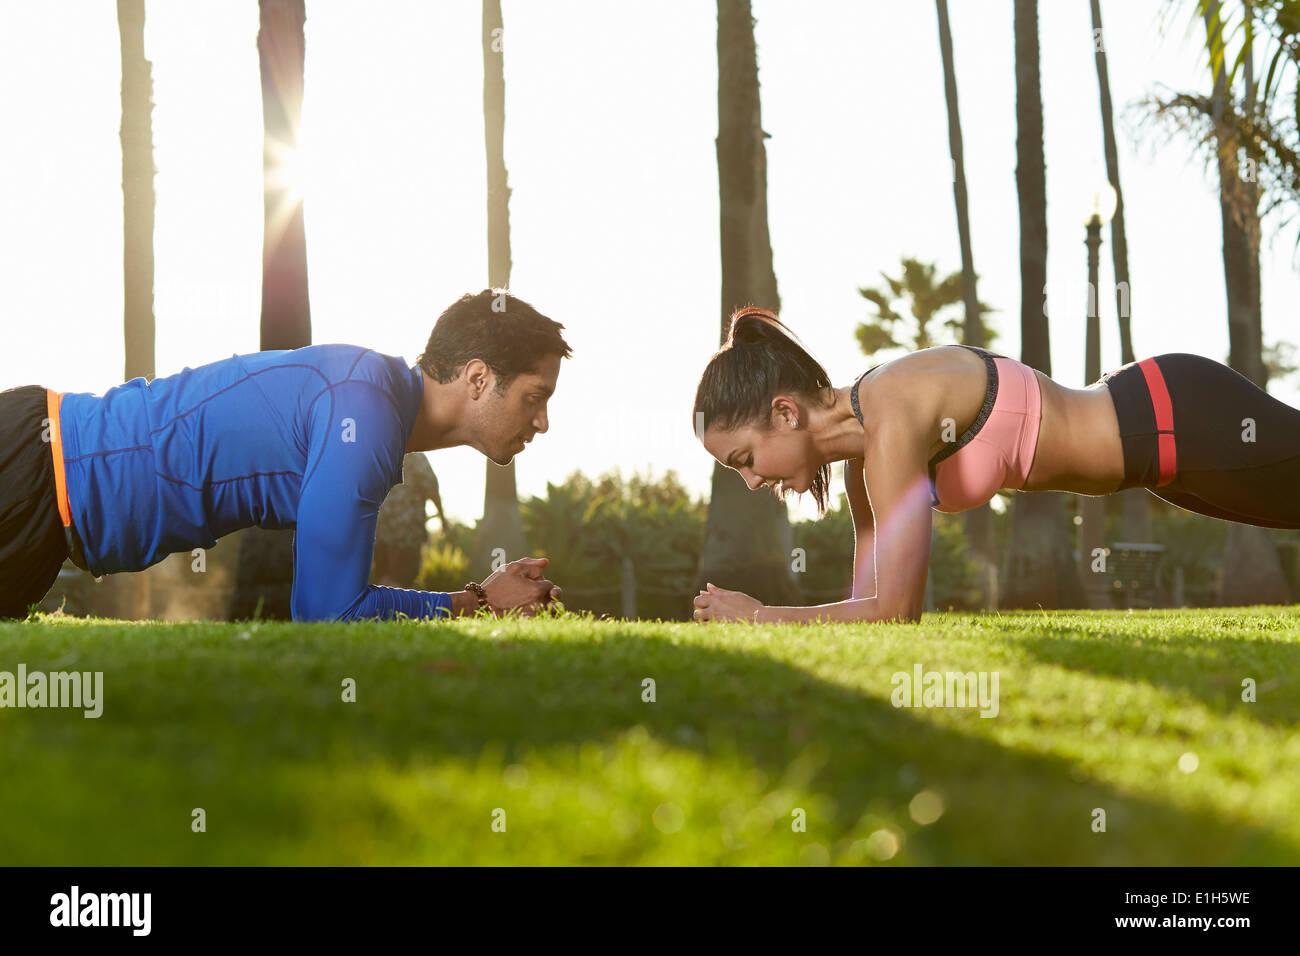 El hombre y la mujer haciendo ejercicio tablón Imagen De Stock